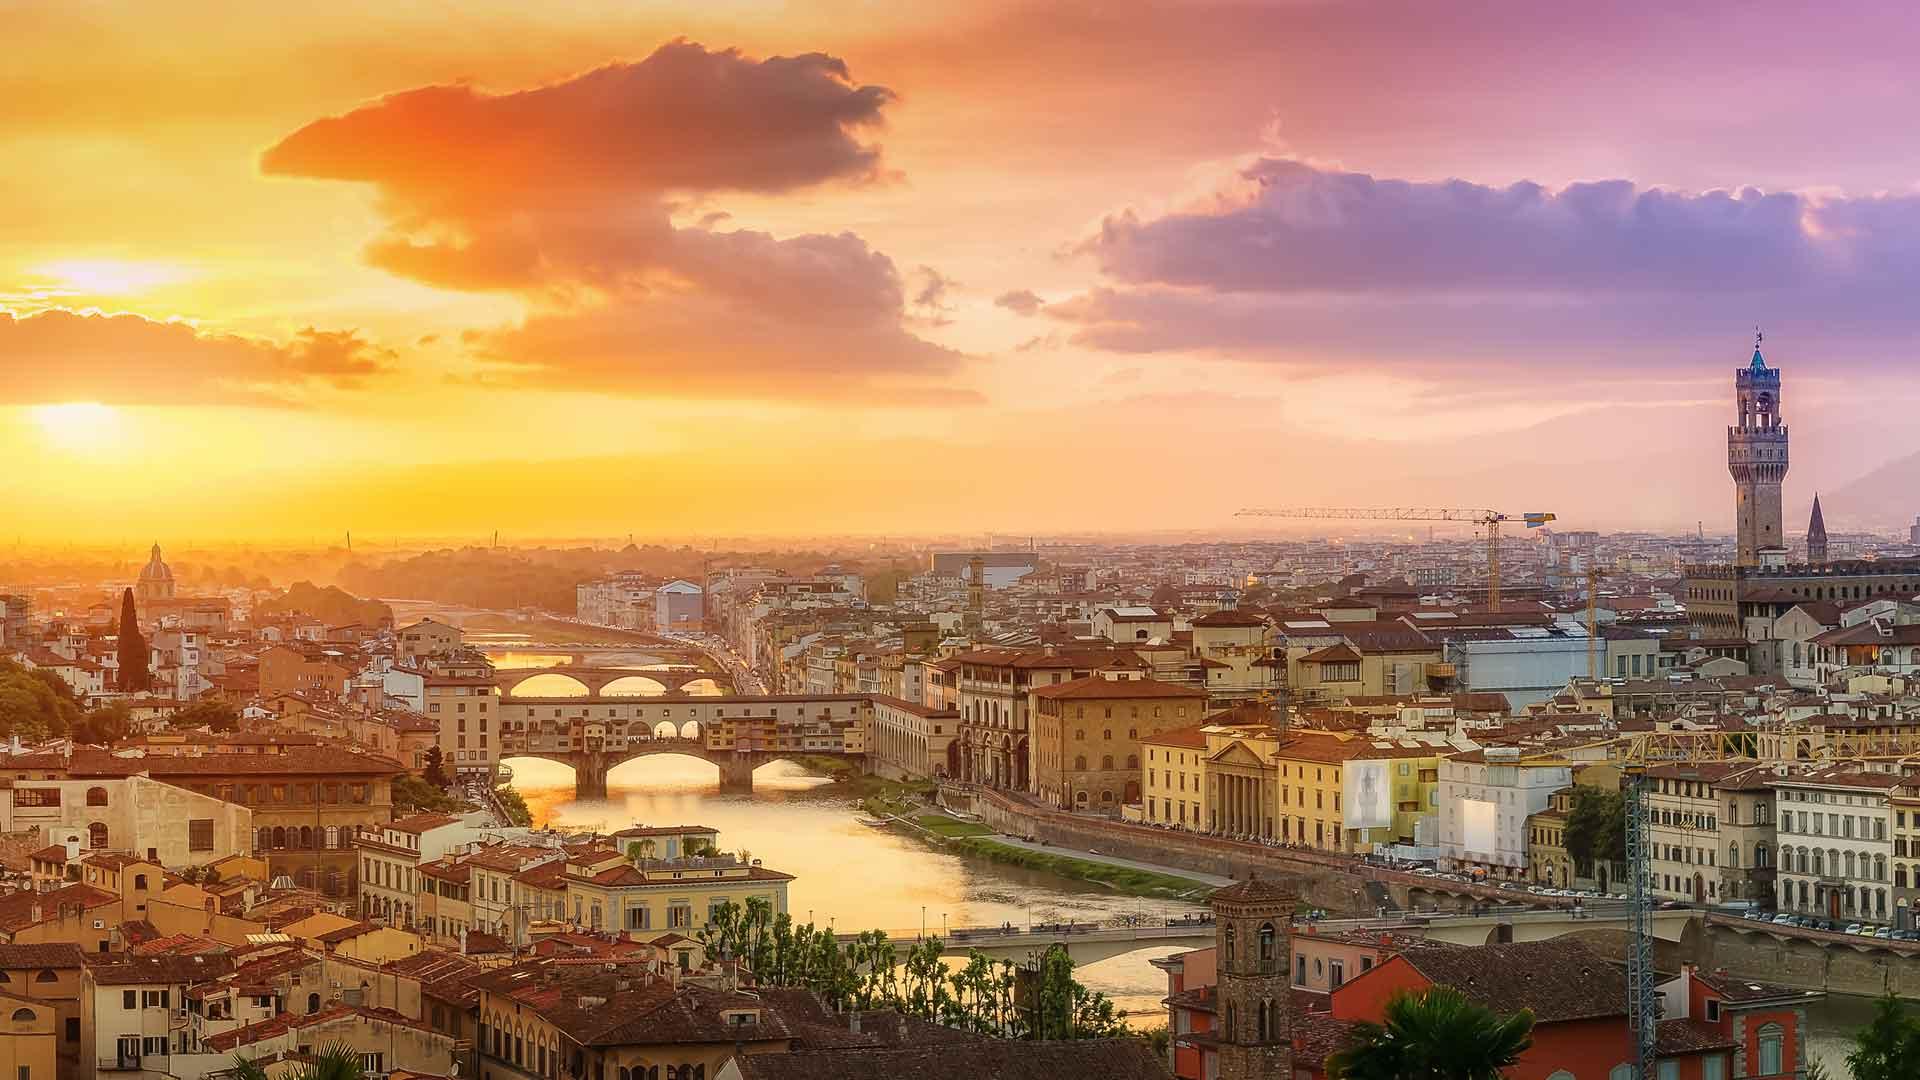 I A Con Entrare Firenze Si Chiese Può Nelle Sandali rBodCxe